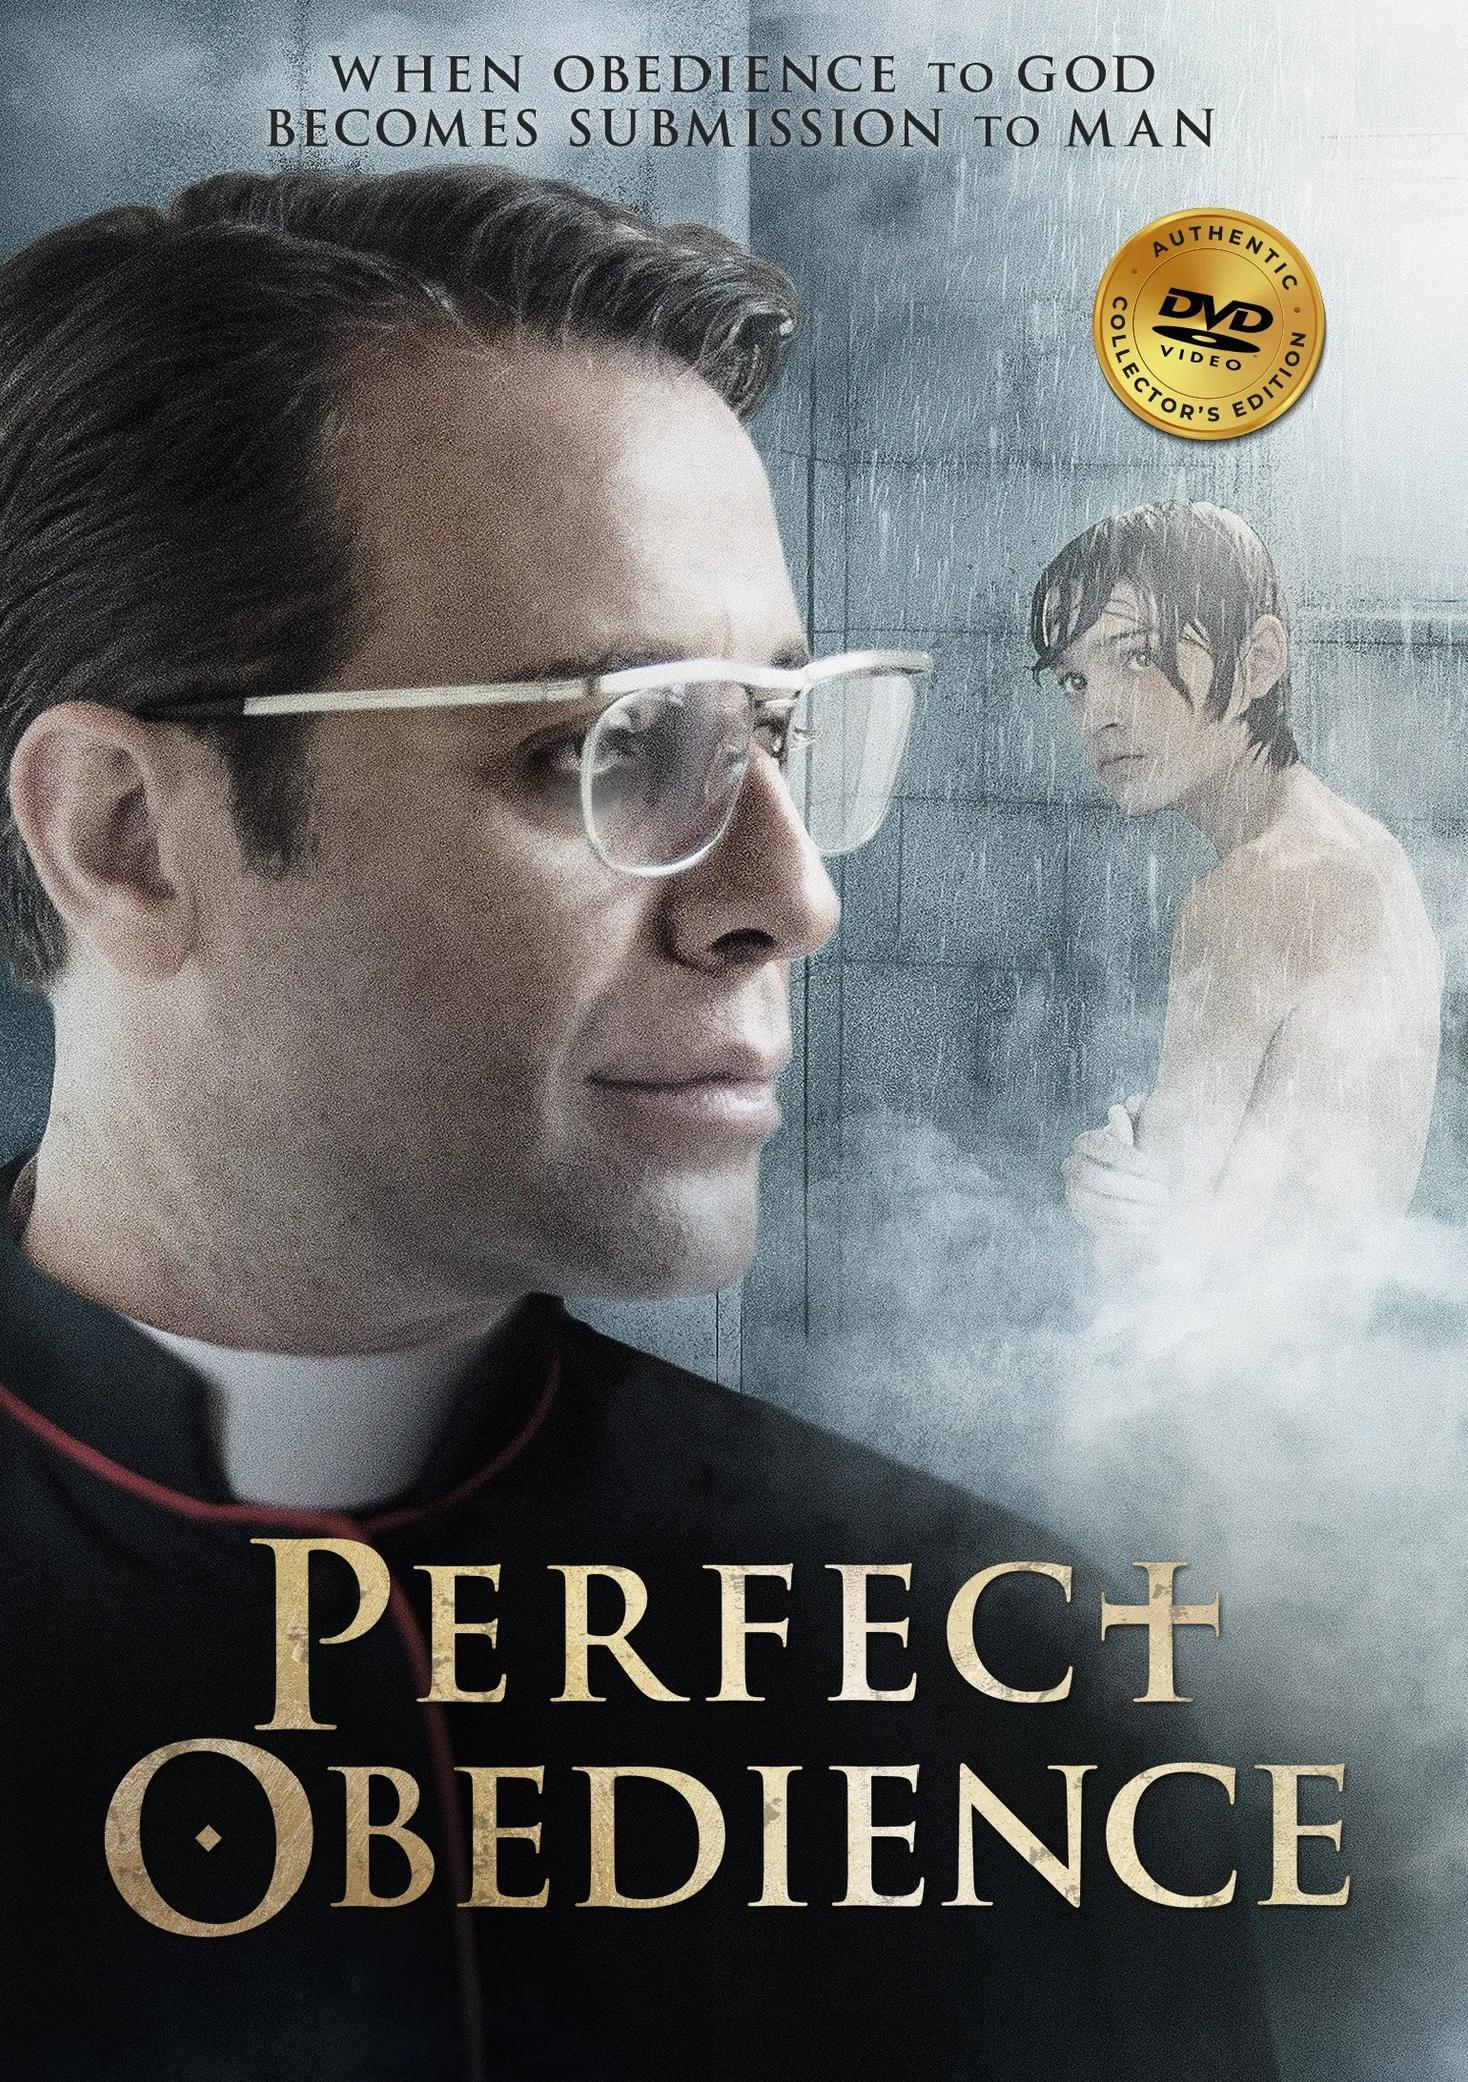 Obediencia perfecta (2014)